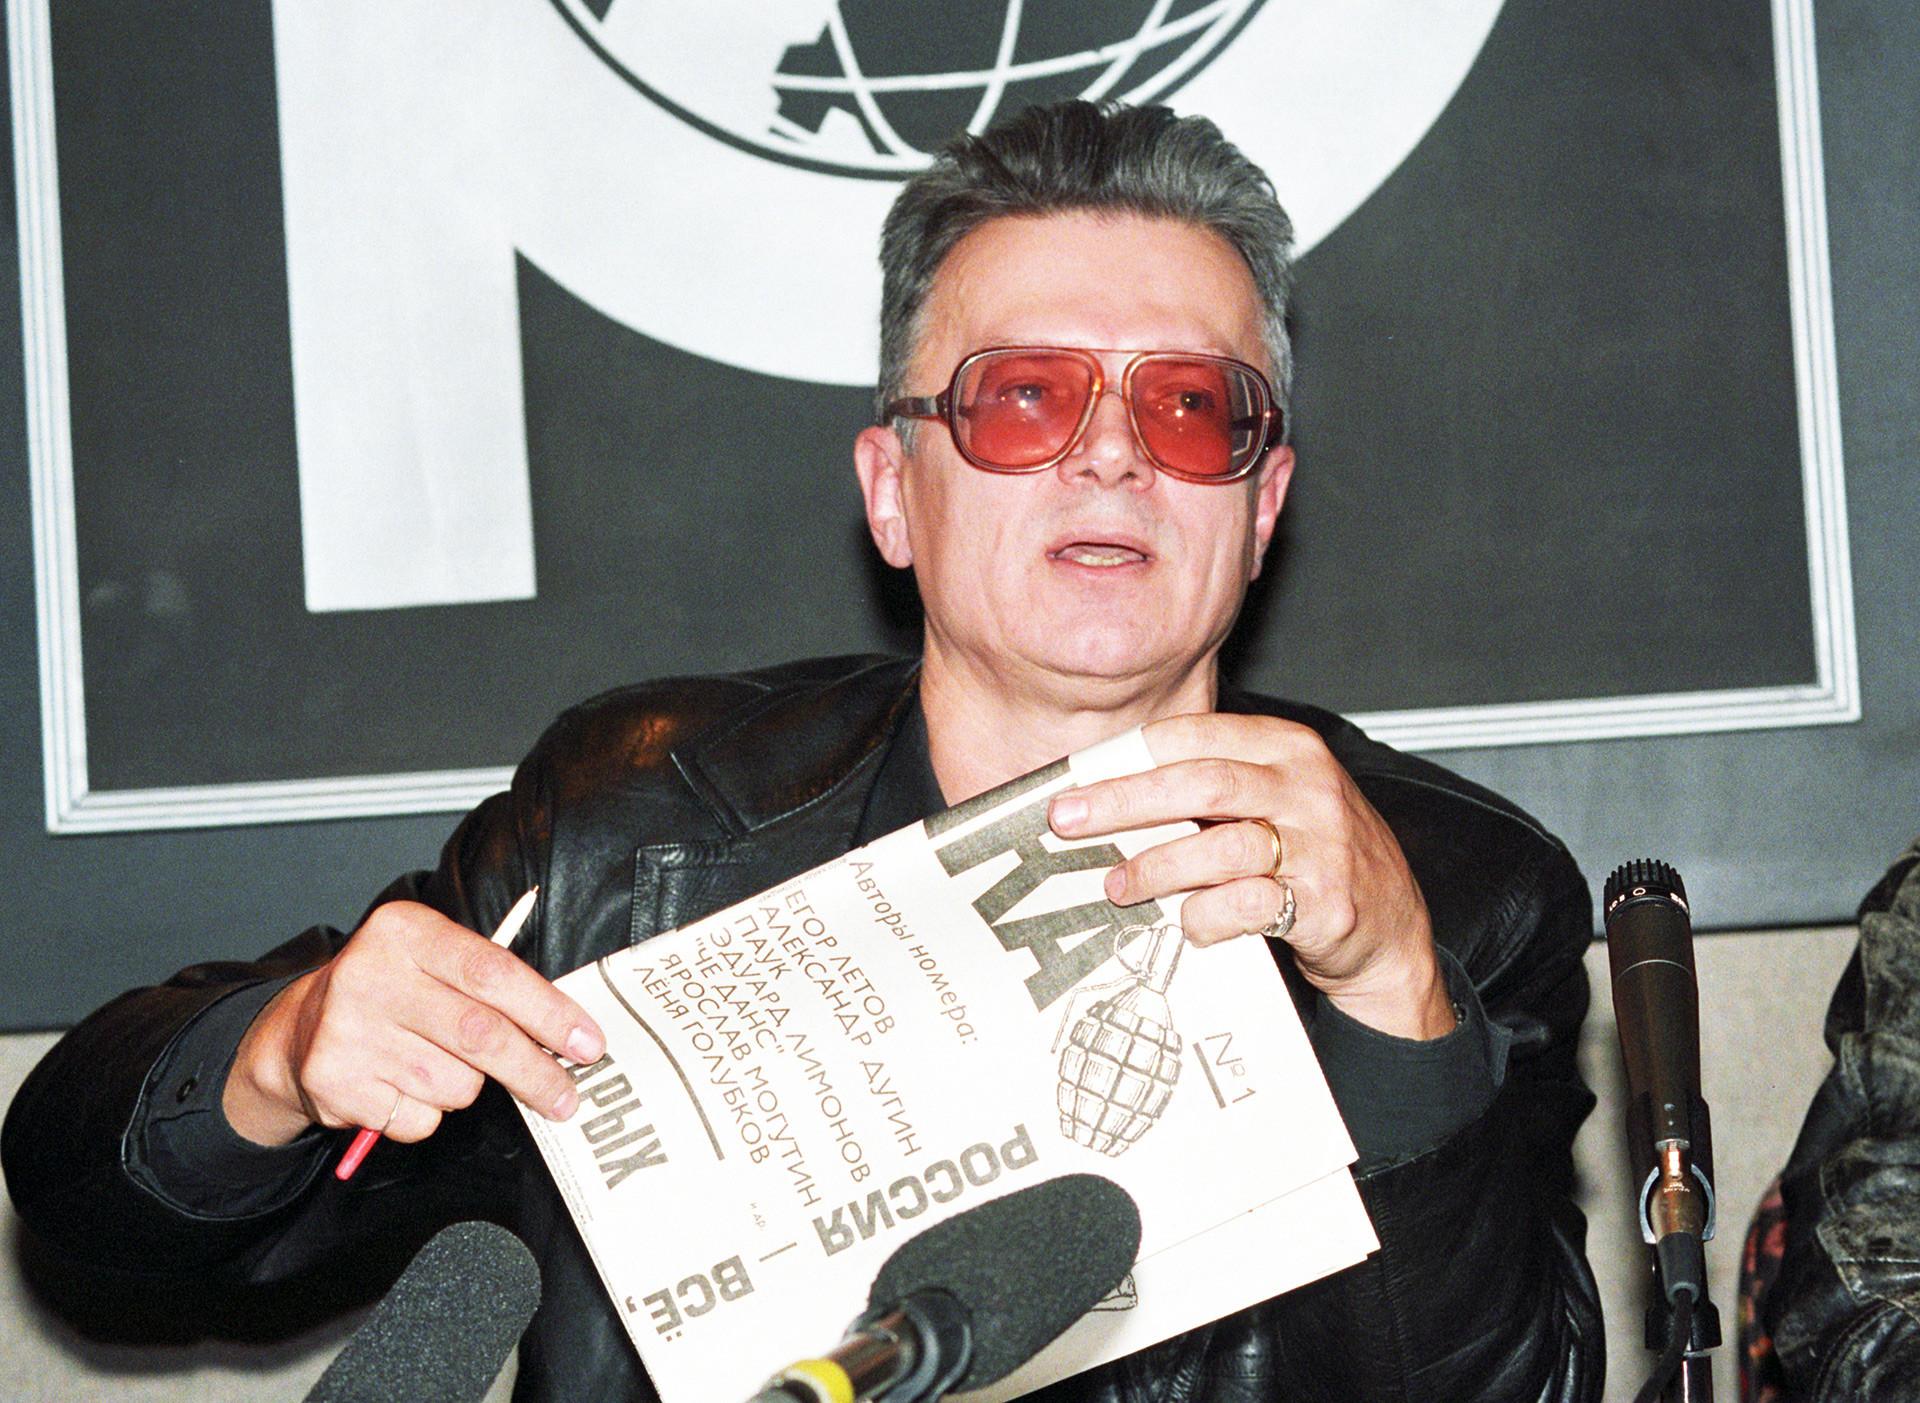 Овај писац је увек био радикалан – и у иностранству, и по повратку у отаџбину. (Фотографија је направљена 1994. године на политичком митингу).